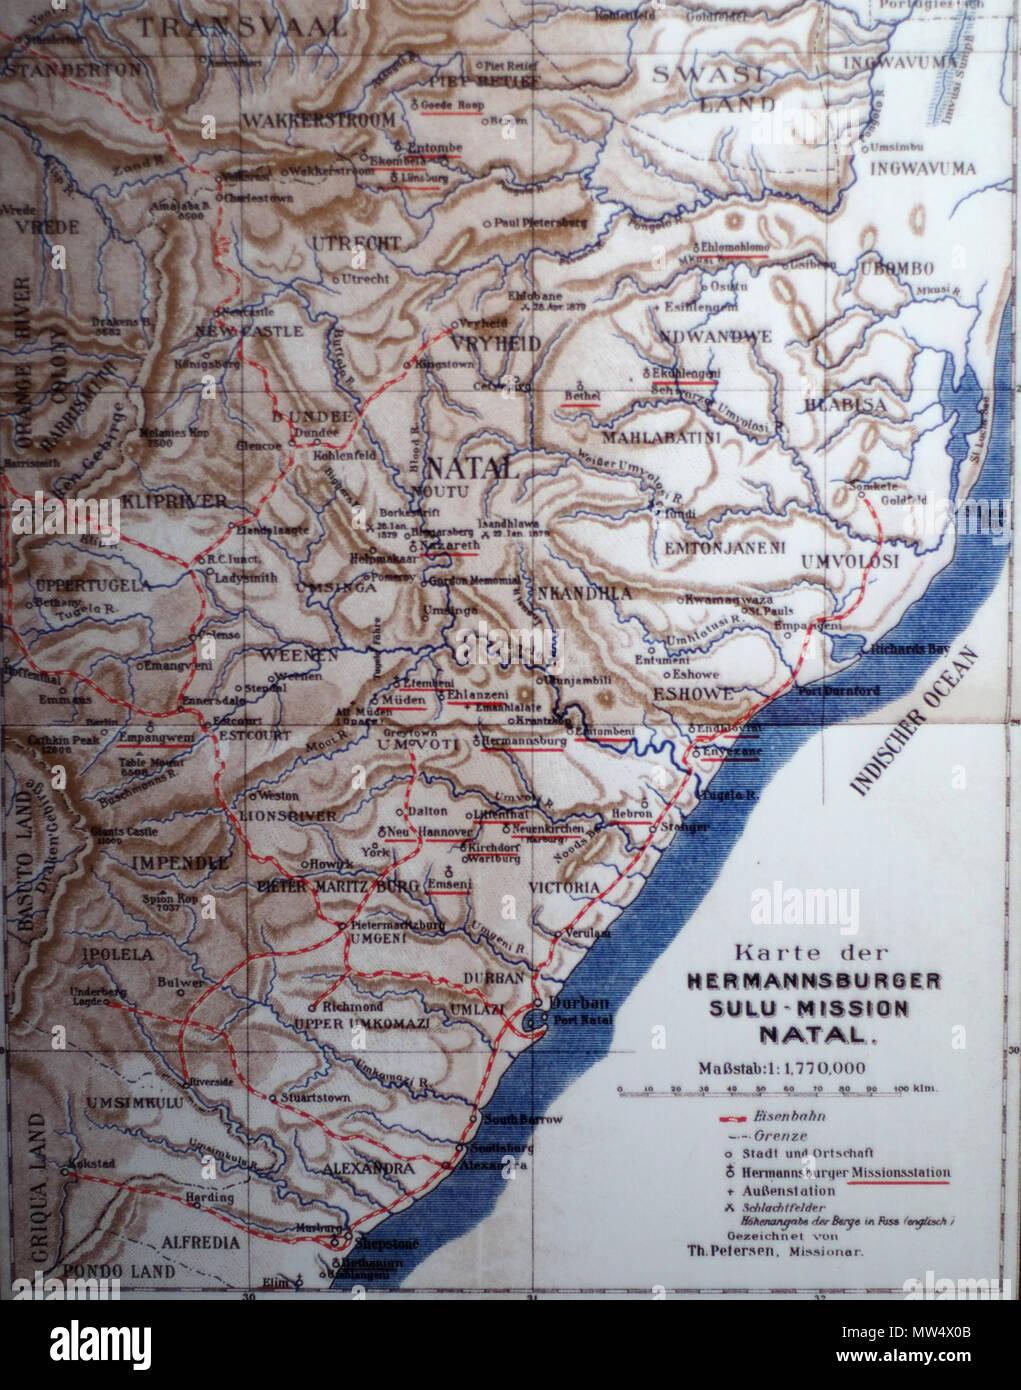 .  English: Map of the Colony of Natal, South Africa Deutsch: Karte der Hermannsburger Mission in Natal . Natal, das an der Ostküste Südafrikas liegt, gehört 1910 zum britischen Kolonialreich. Mehr als 50 Jahre sind die Missionare aus Hermannsburg dort vor Ort und haben zahlreiche Niederlassungen gegründet. Aus diesem Grund tragen viele Orte hier die gleichen Namen wie Gemeinden und Städte in Niedersachsen. 1910. Ev.-Luth. Missionswerk in Niedersachsen 438 Natal 1910 BomannMuseum@20150903 - Stock Image